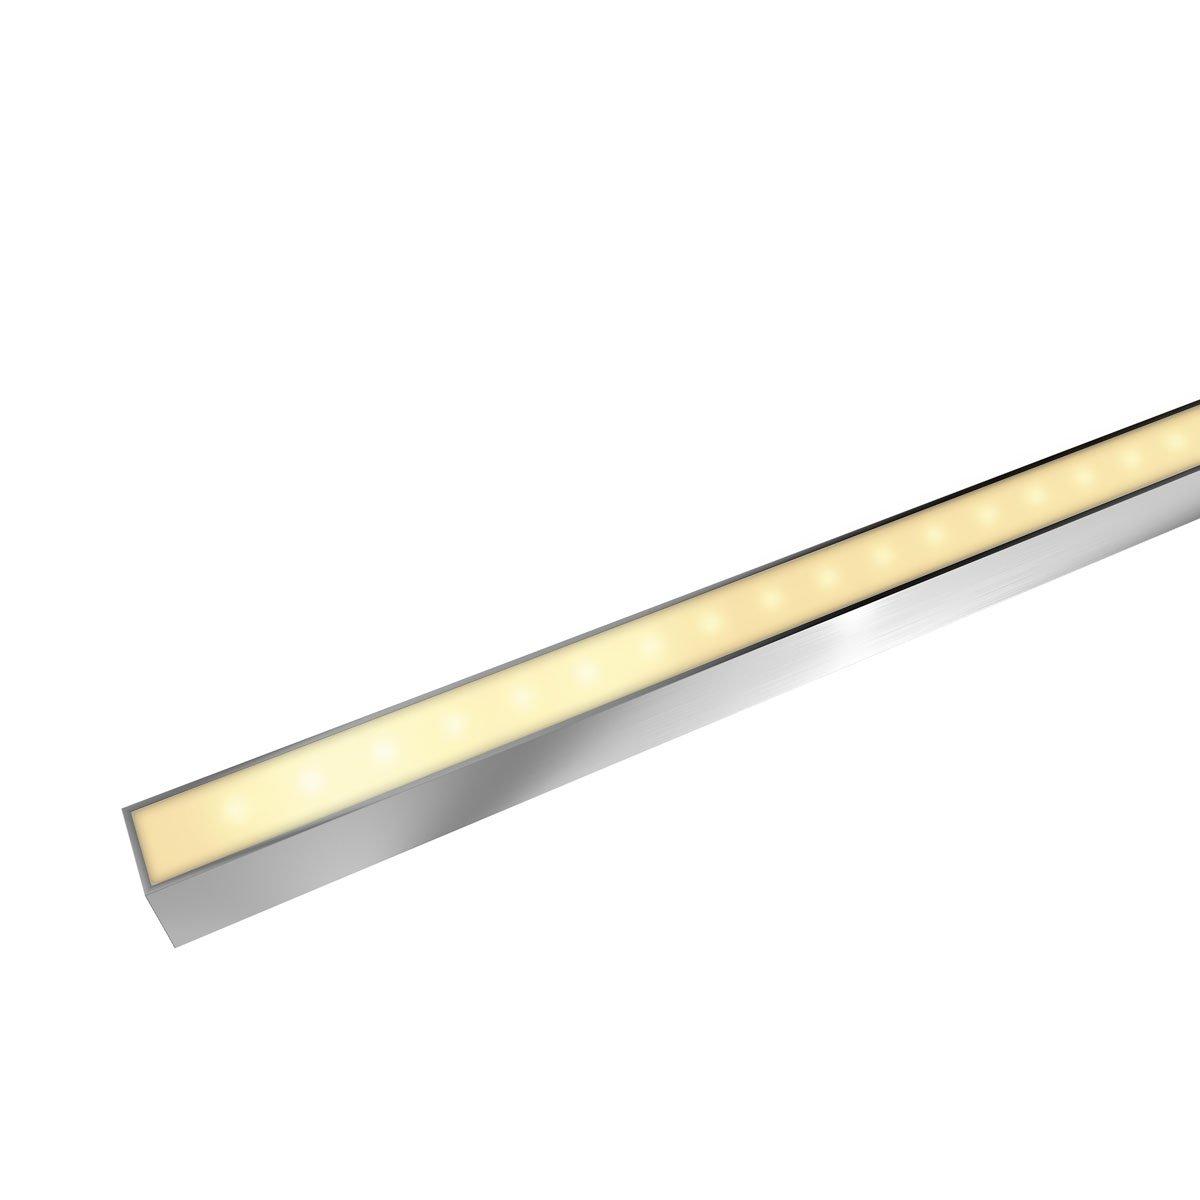 Aqualine 600 sans bande LED IP68, 596mm Alimentation Rod Seliger 46511